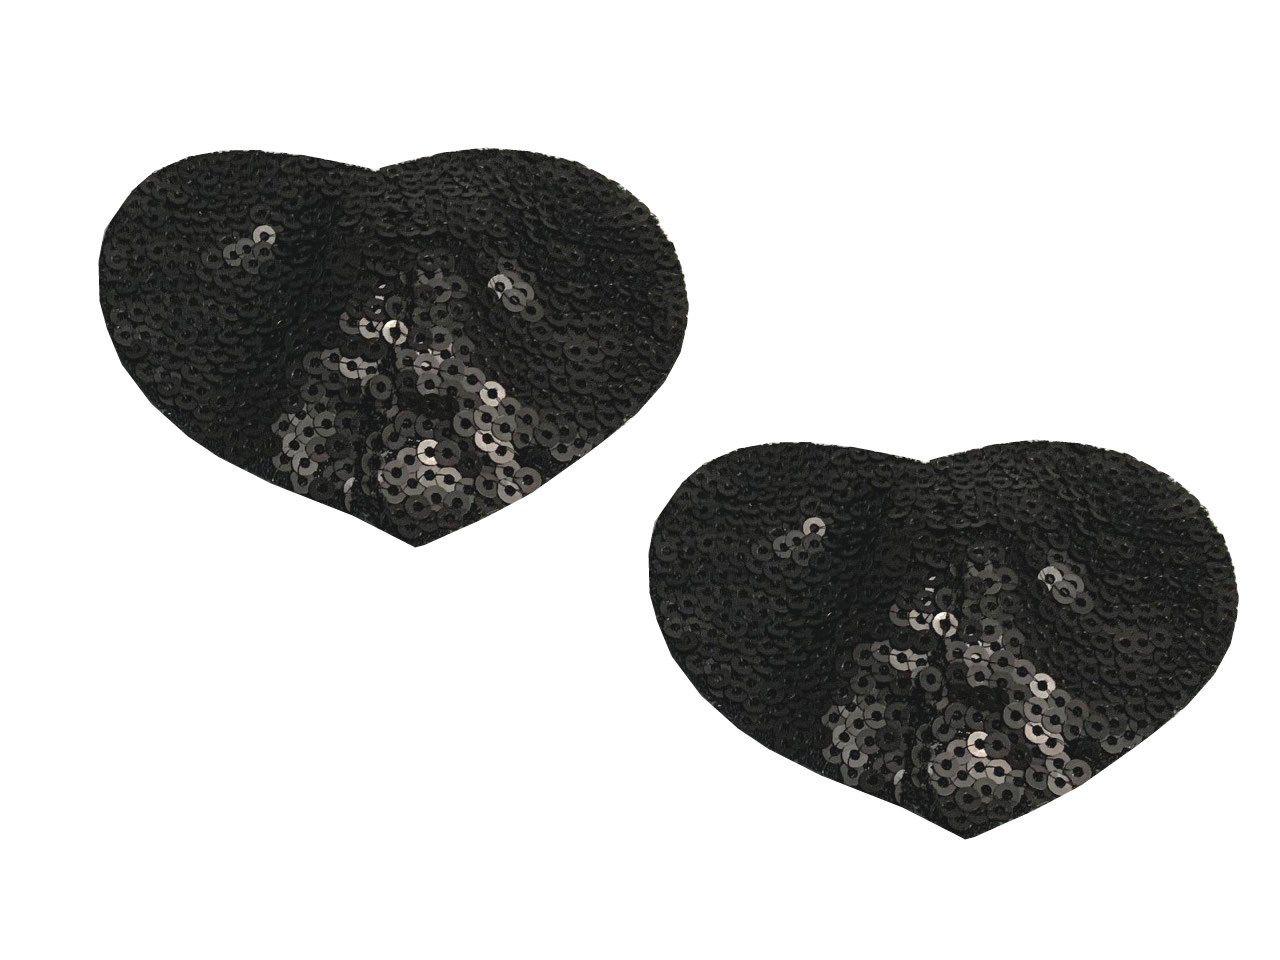 Nipple cover (cobertor de mamilos) em formato de coração